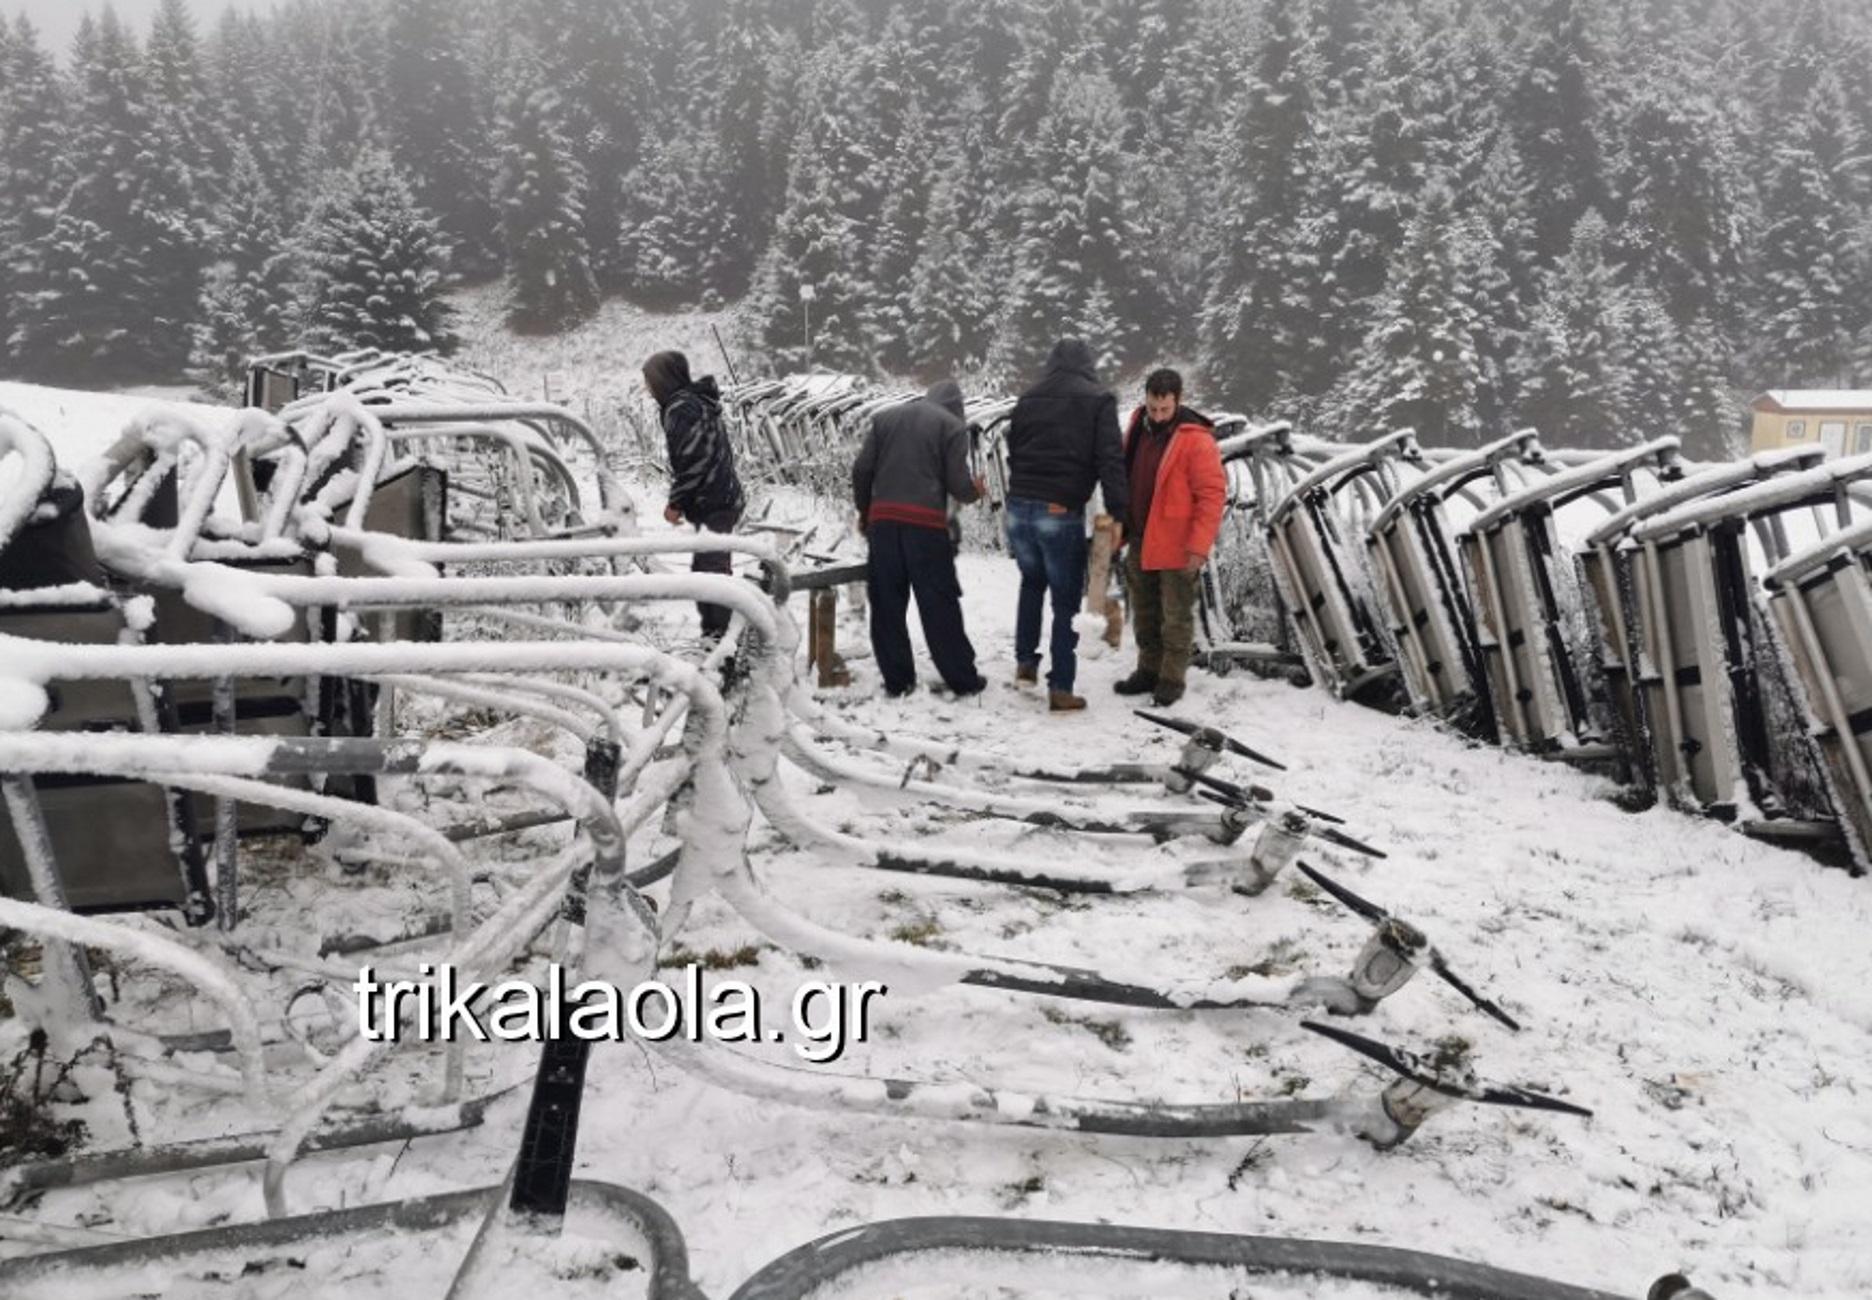 Τρίκαλα: Χιονοπόλεμος και δρόμοι παγοδρόμια! Ο χειμώνας έφερε αυτές τις εικόνες [video]